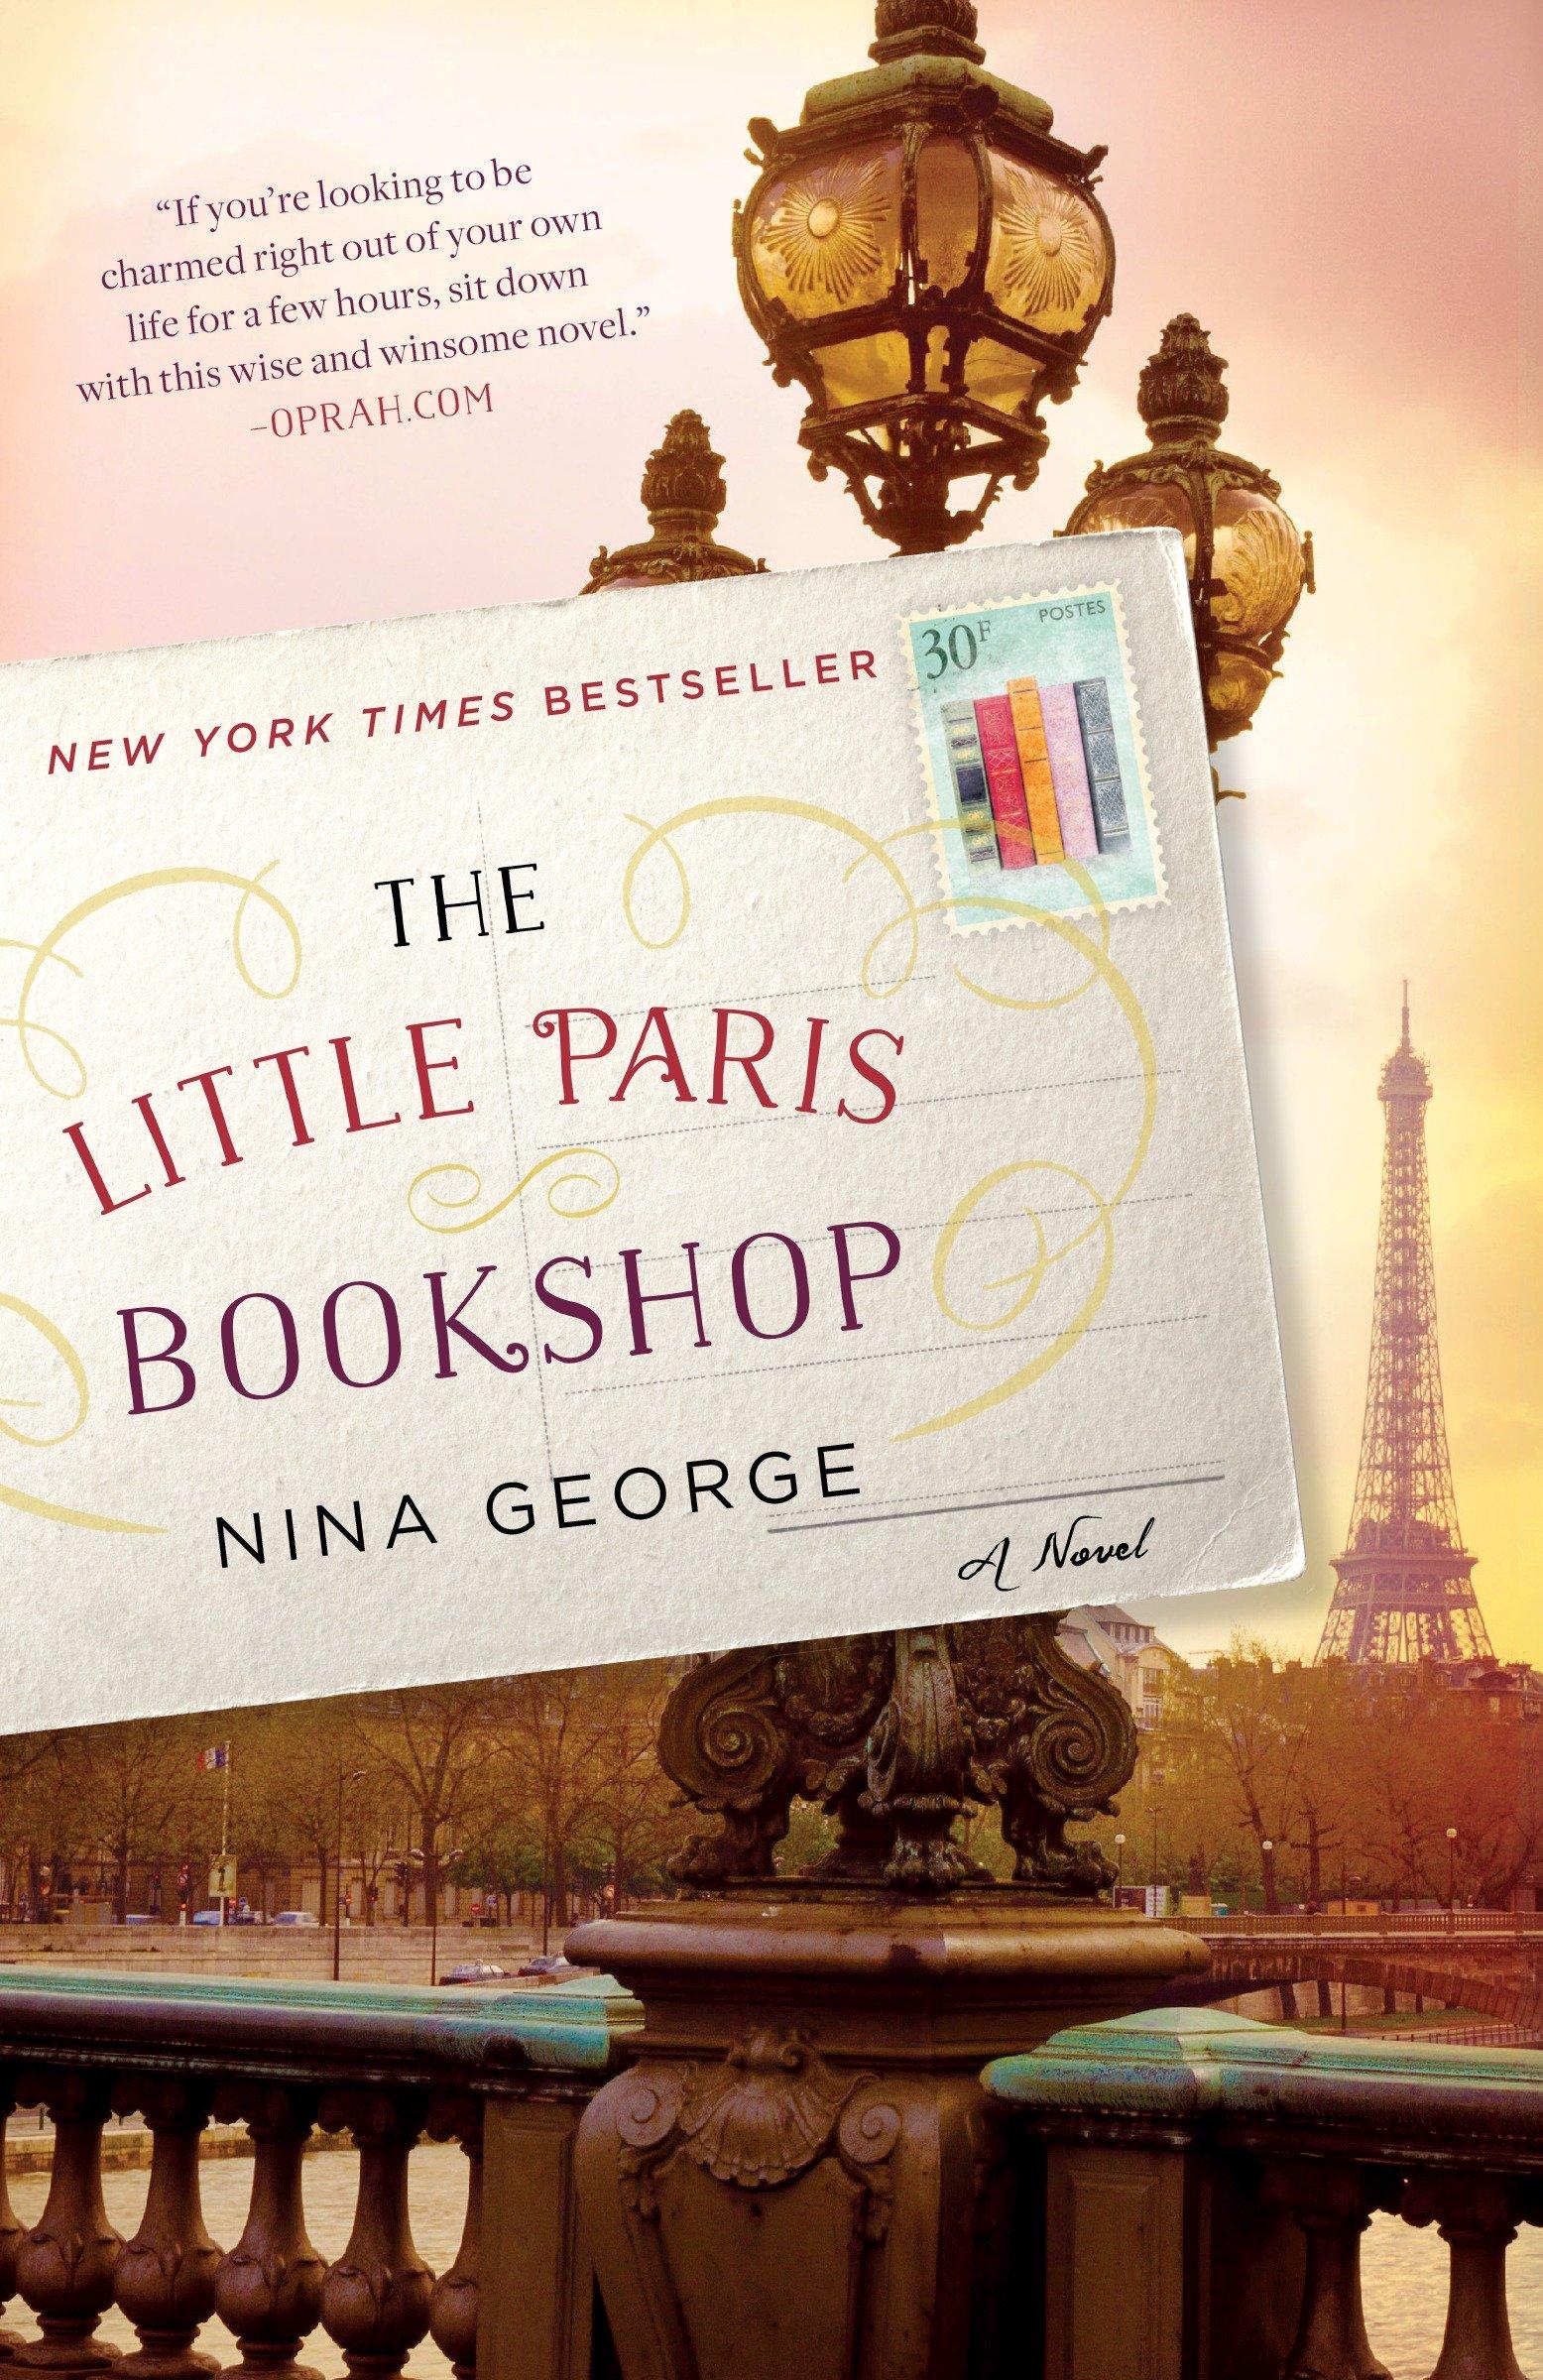 Cover Image of The Little Paris Bookshop